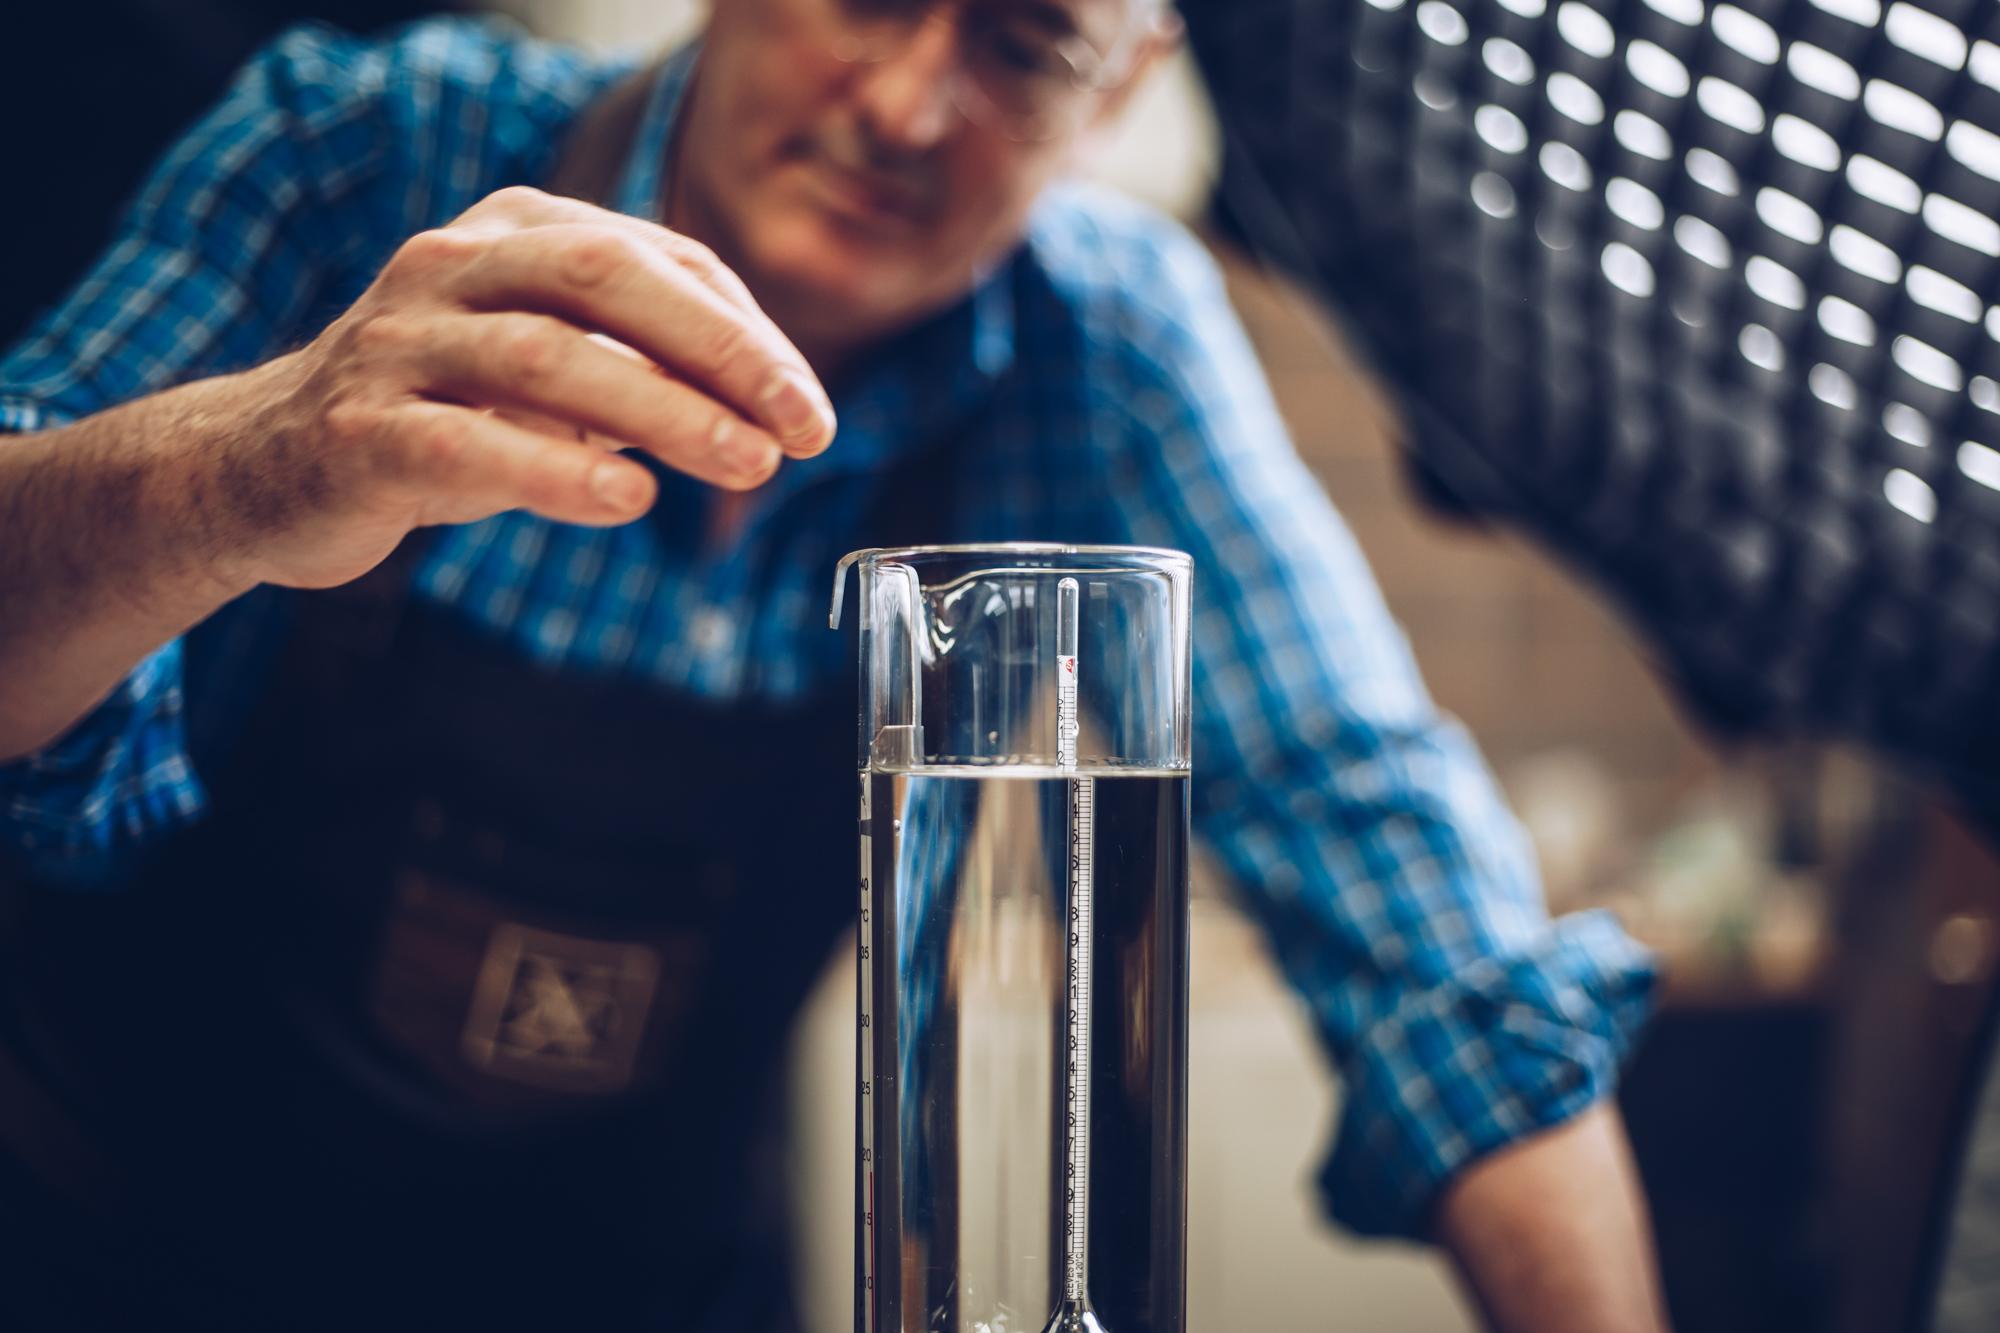 Exmoor Distillery